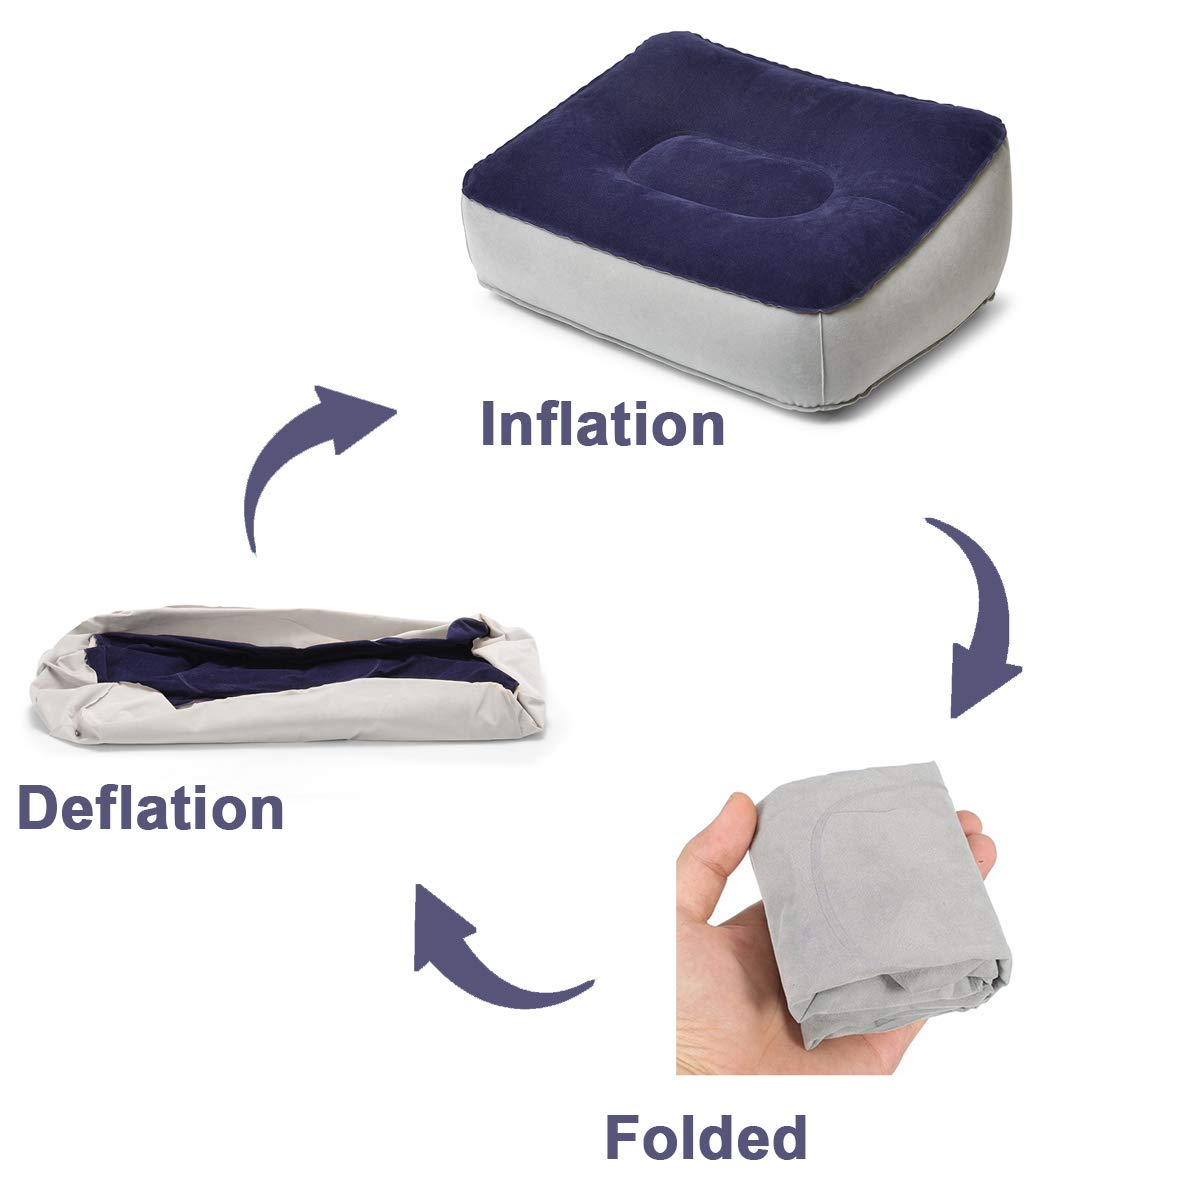 paquet de 2 pour le bureau et la maison de voyage jambe vers le haut de repos de maison de repos de jambe r/éduisent le risque profond de thromb Coussin gonflable doreiller de repos de pied dATKKE